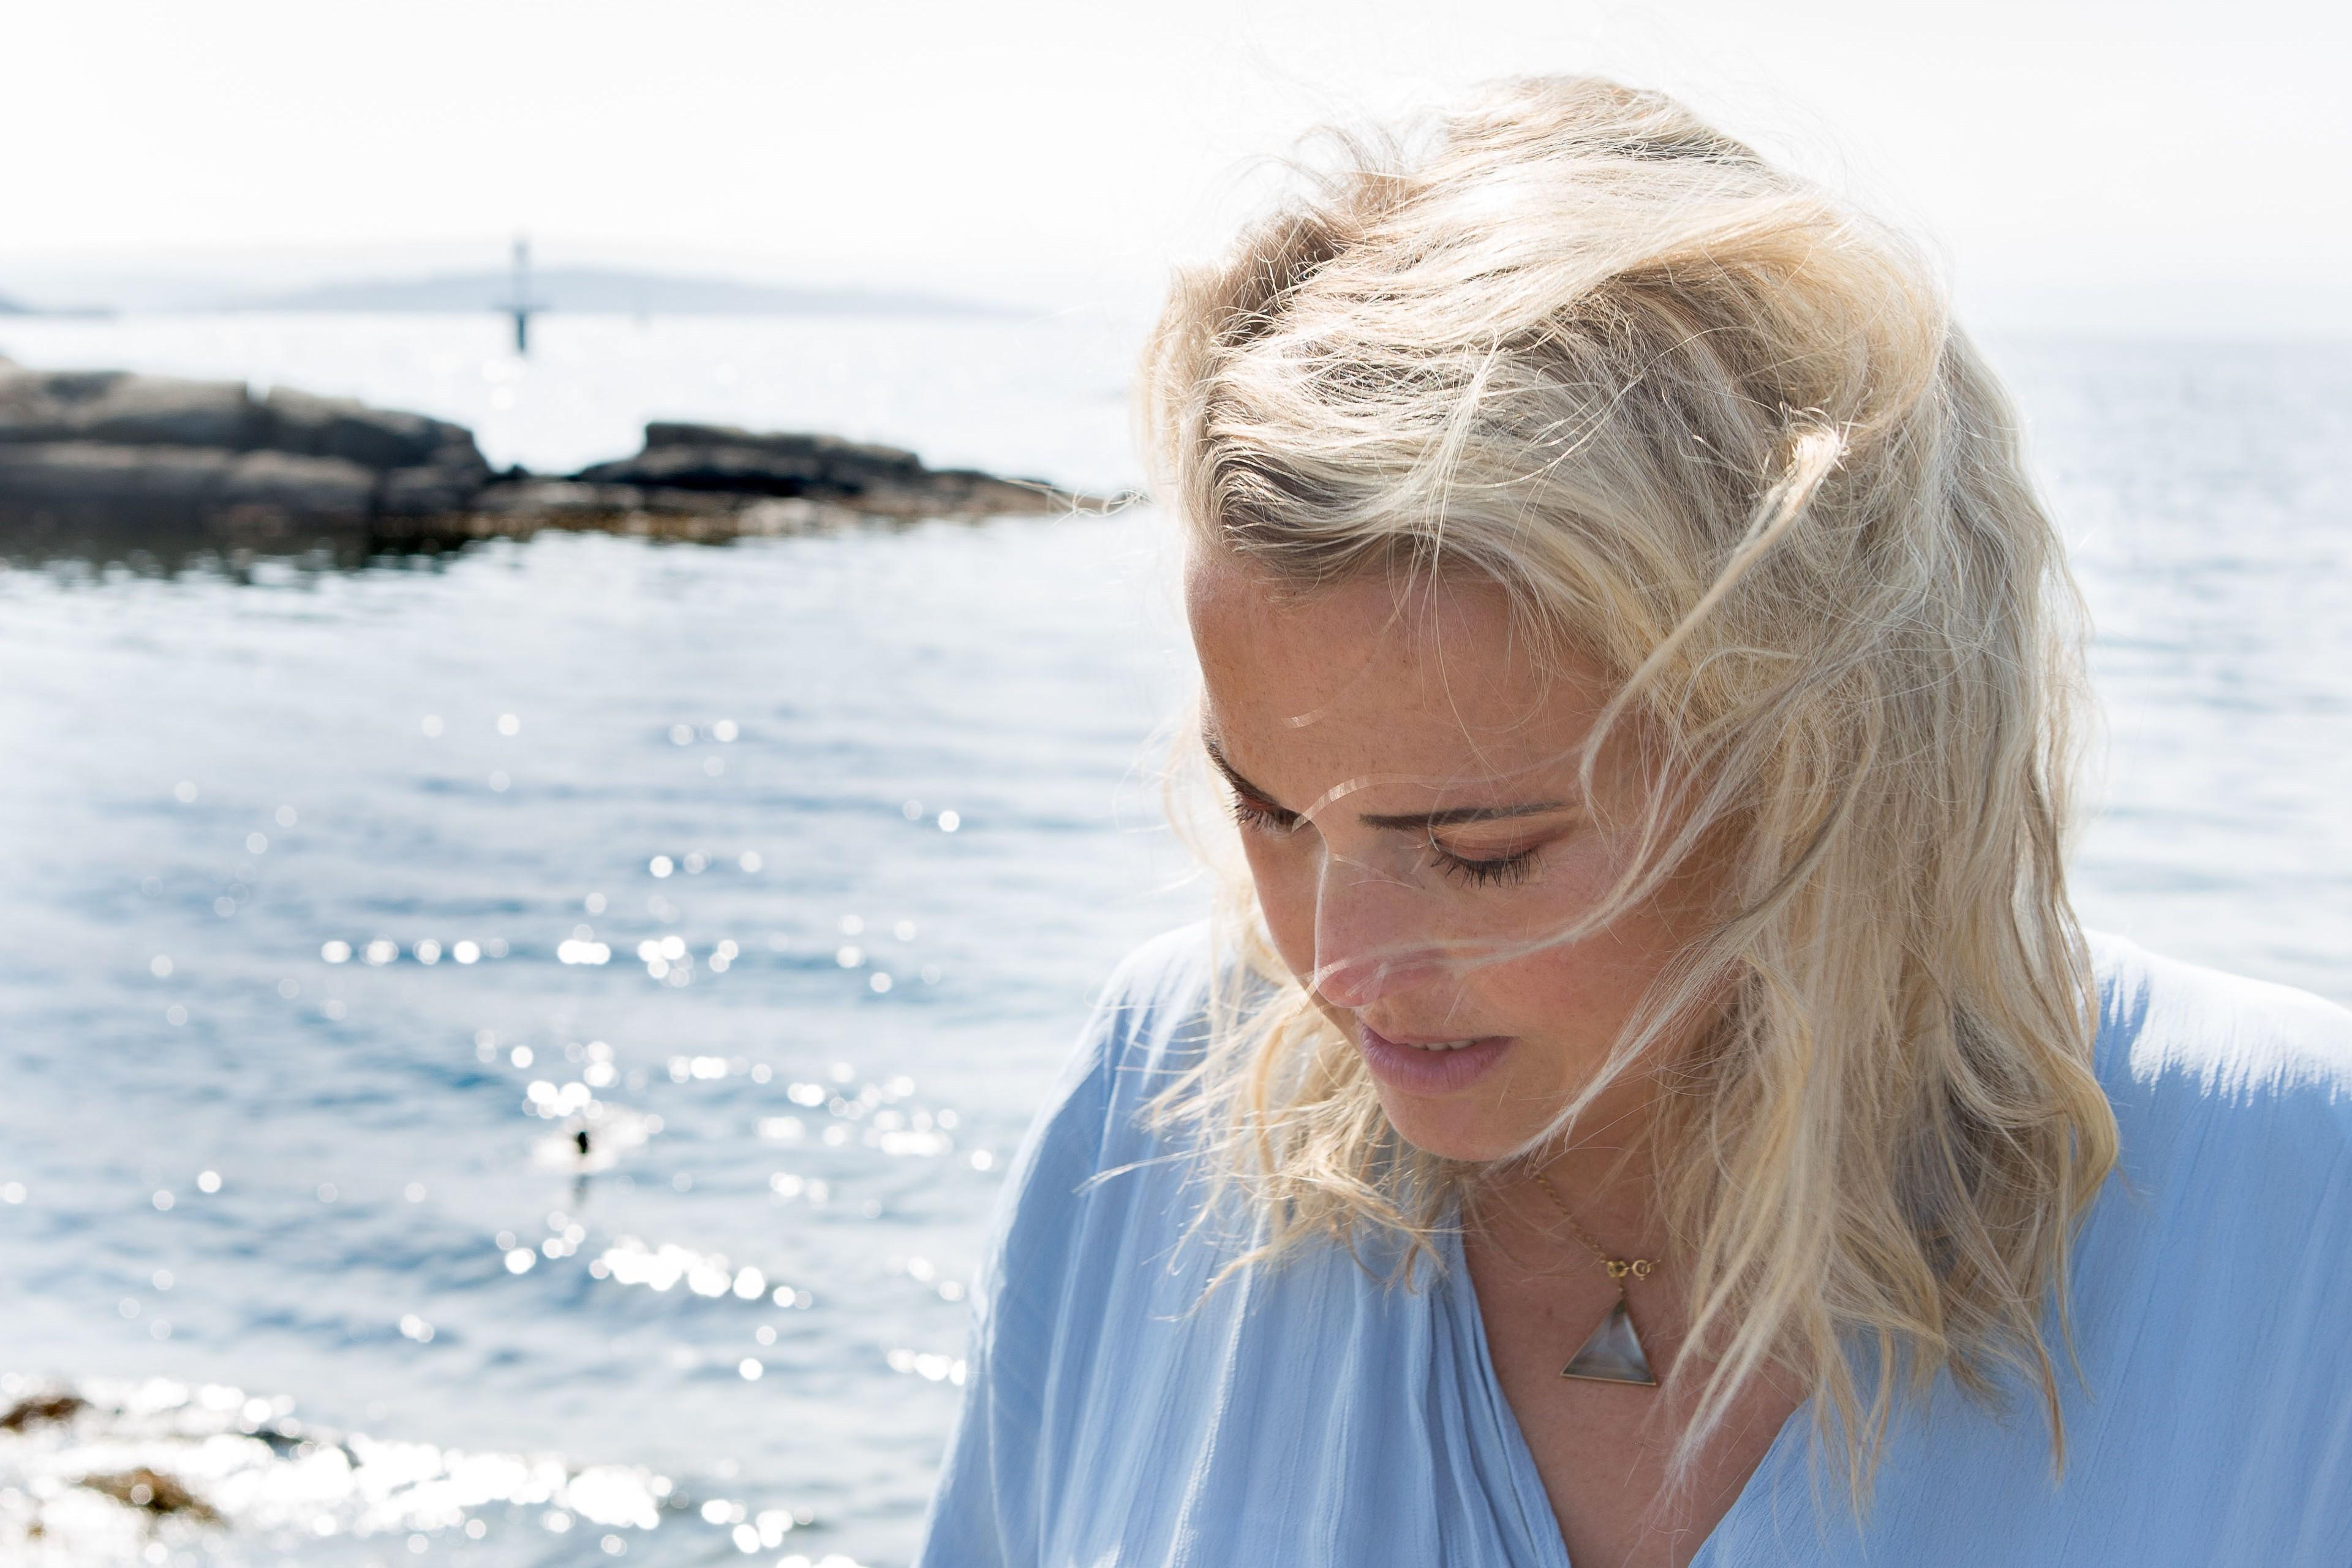 Konsert og skalldyrcruise med Helene Bøksle 3. august